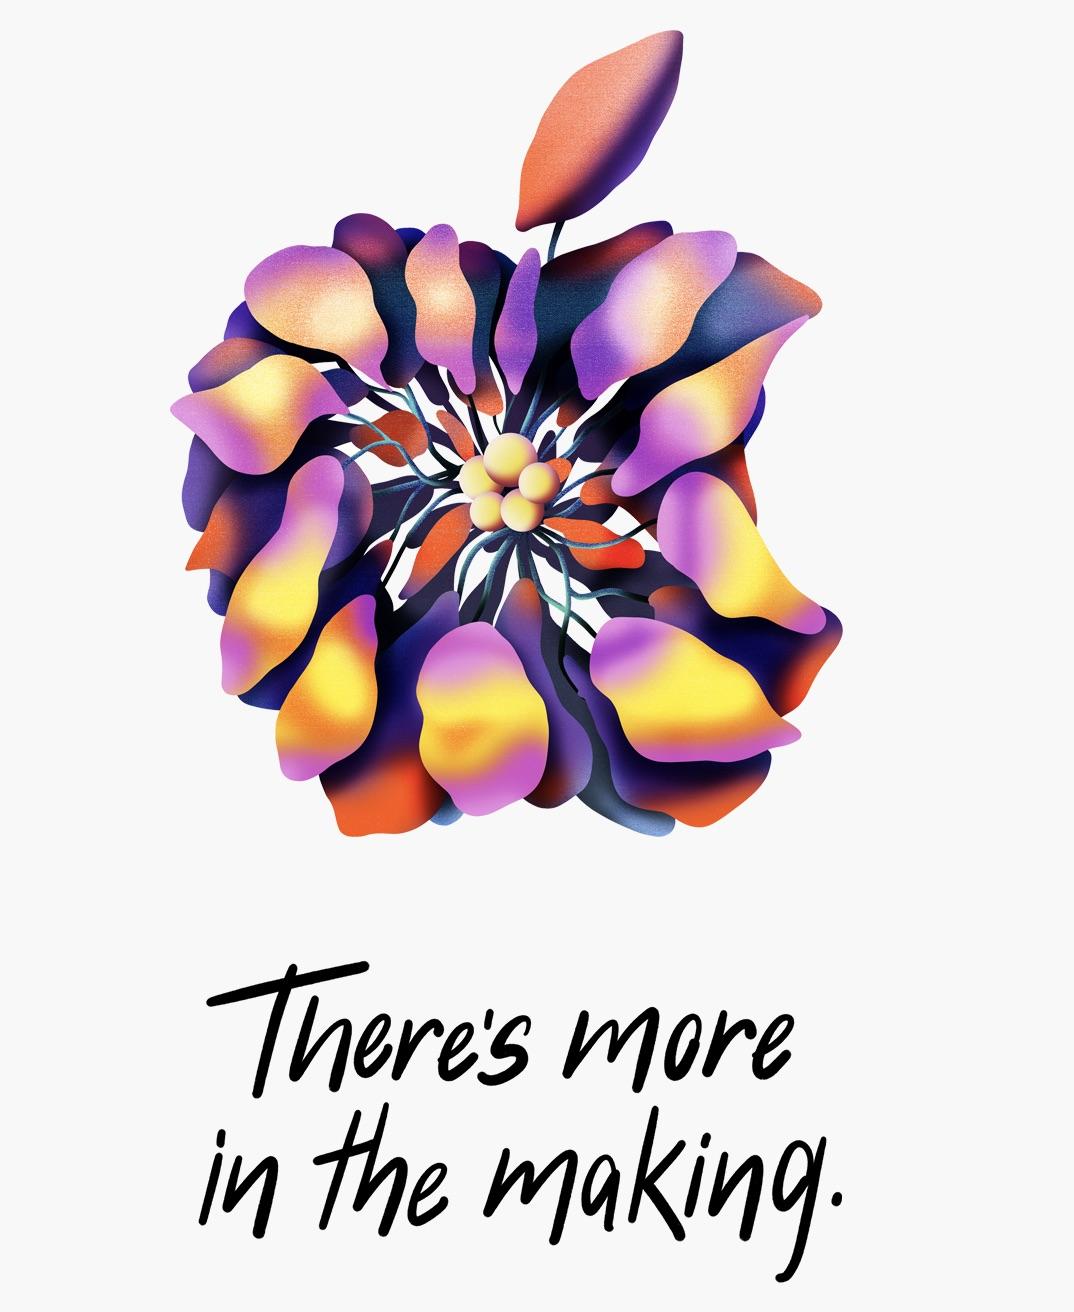 Apple kündigt Event für den 30. Oktober an-330919.jpg